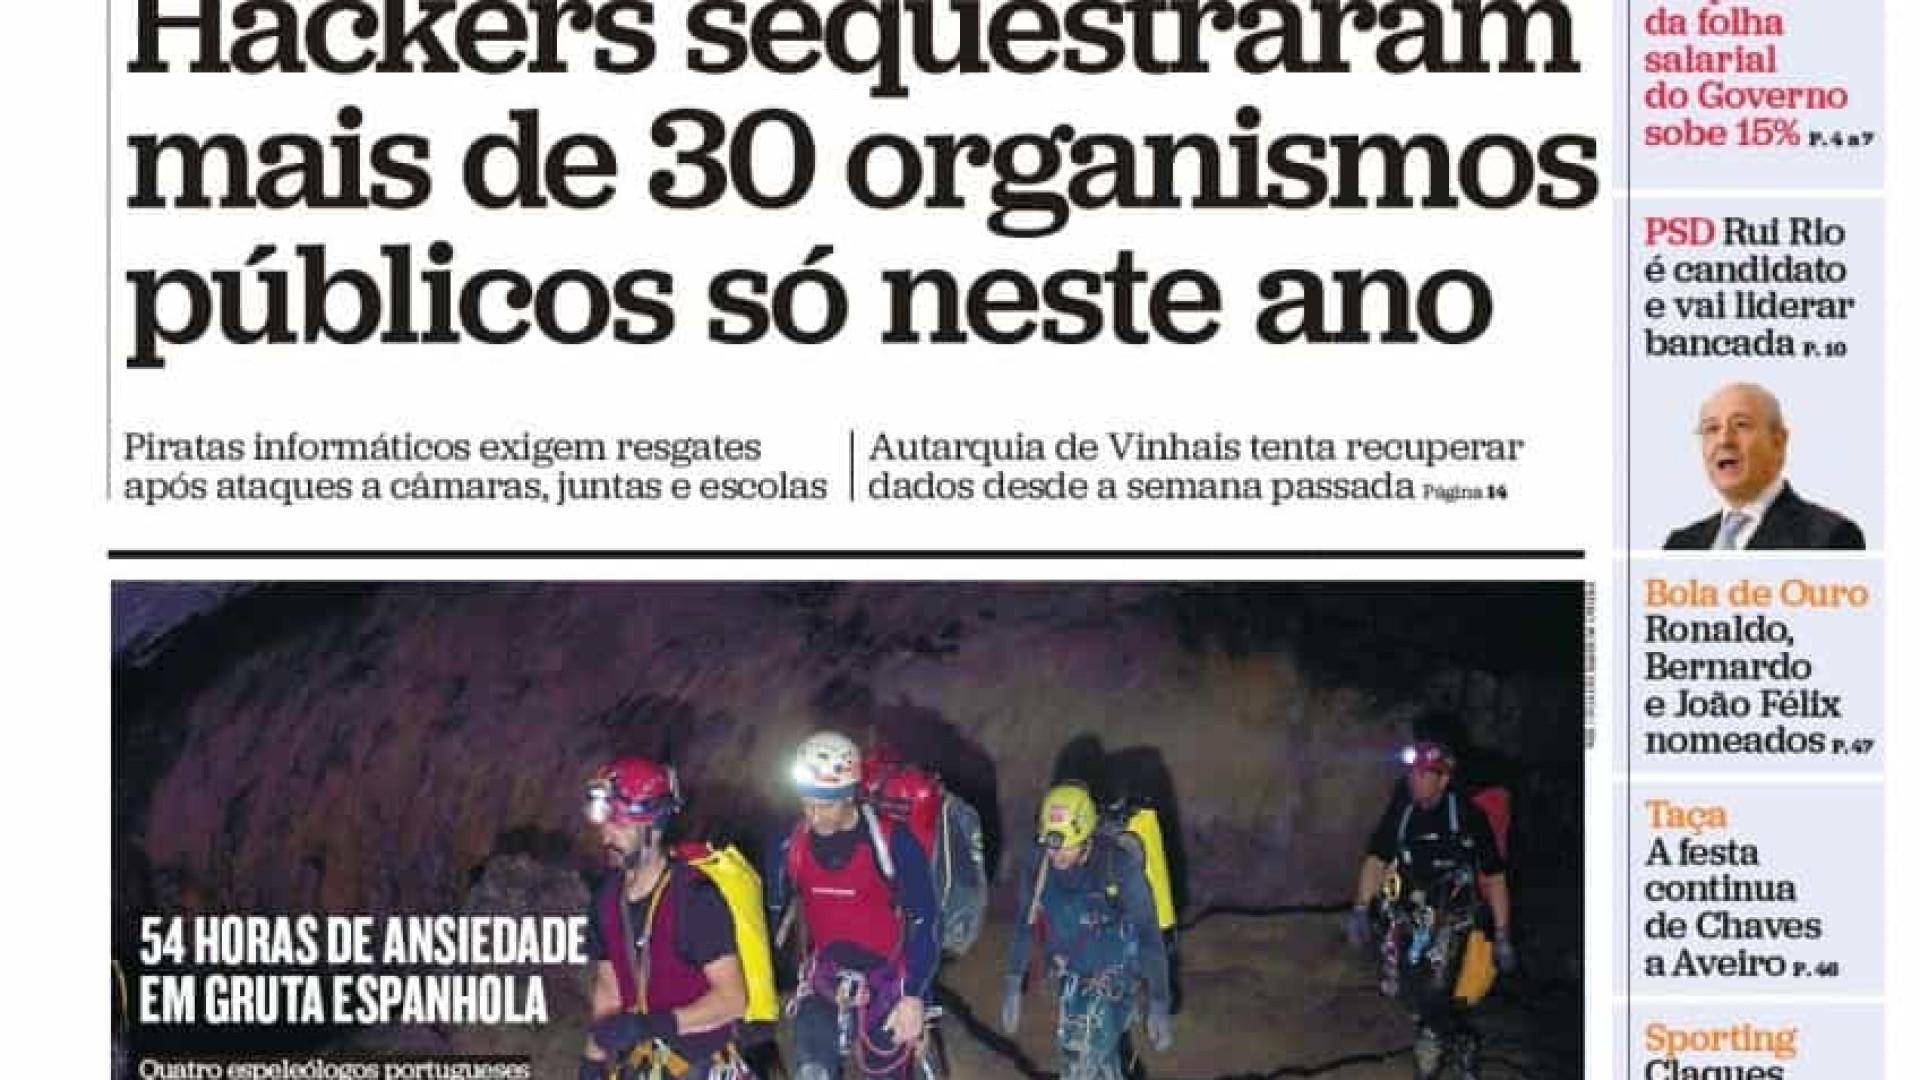 Hoje é notícia: Folha salarial 'engorda' 15%; Bebé sem rosto? Outro caso